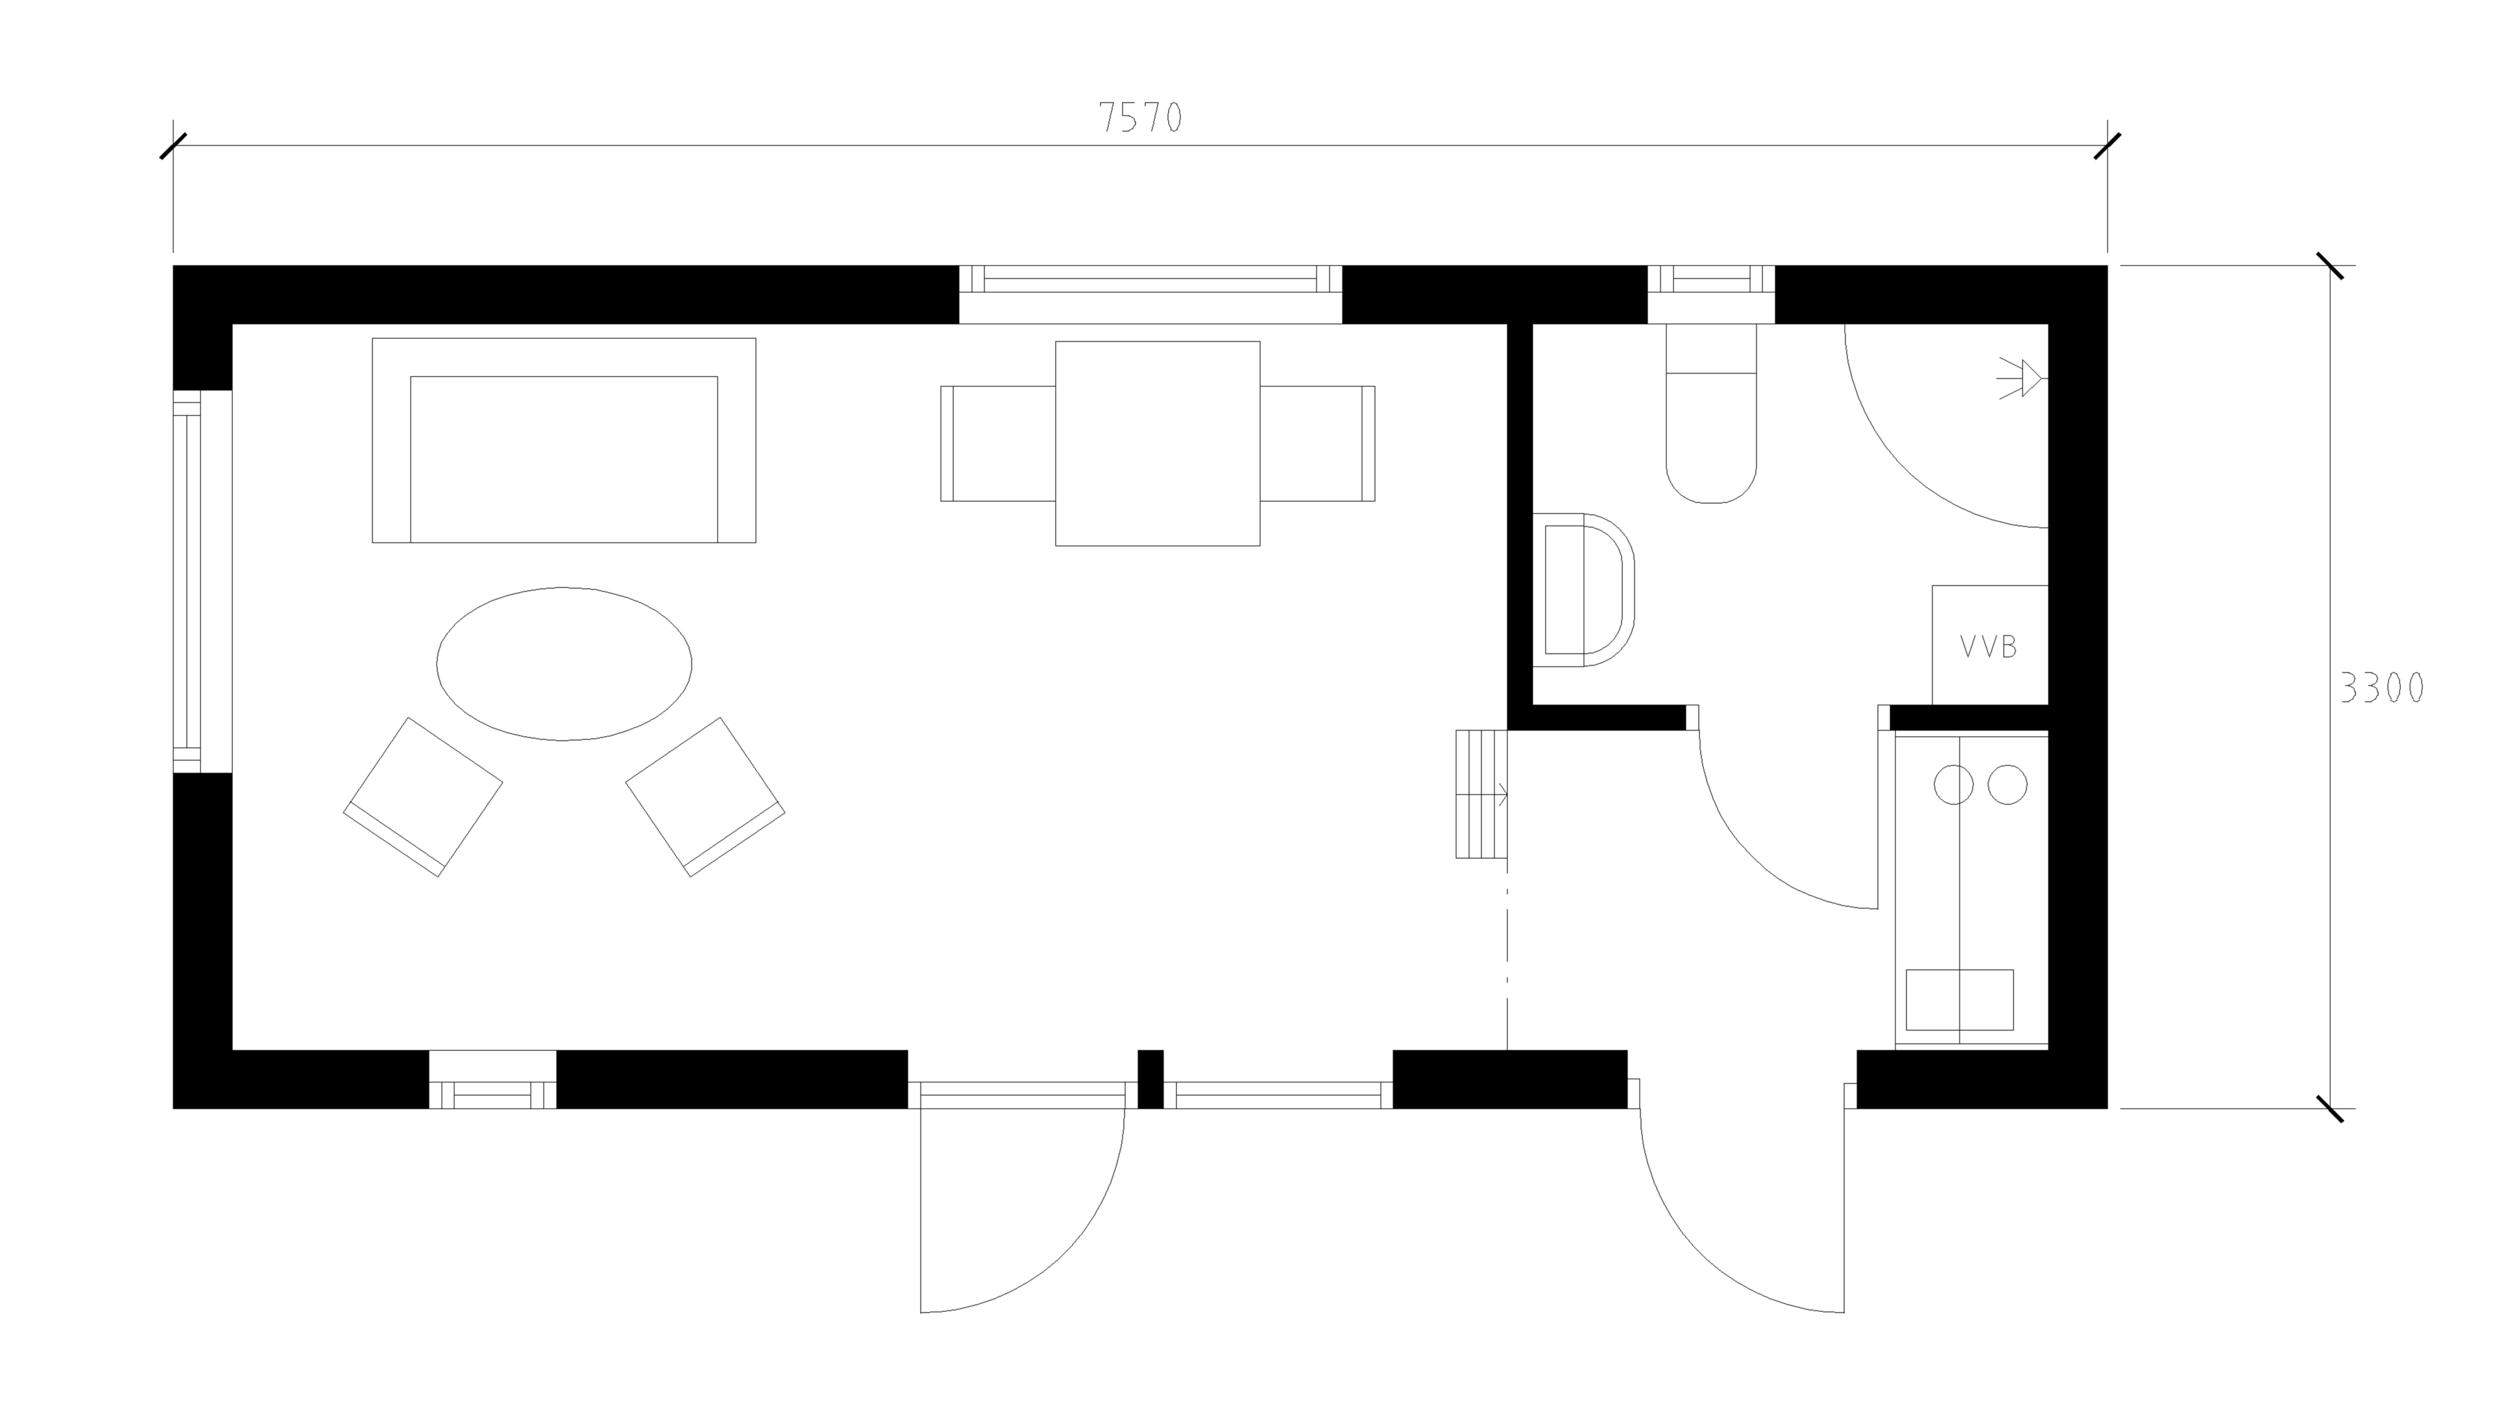 easy-house-attefallshus-torekov-25-loft-kök-badrum-planlösning-2.png